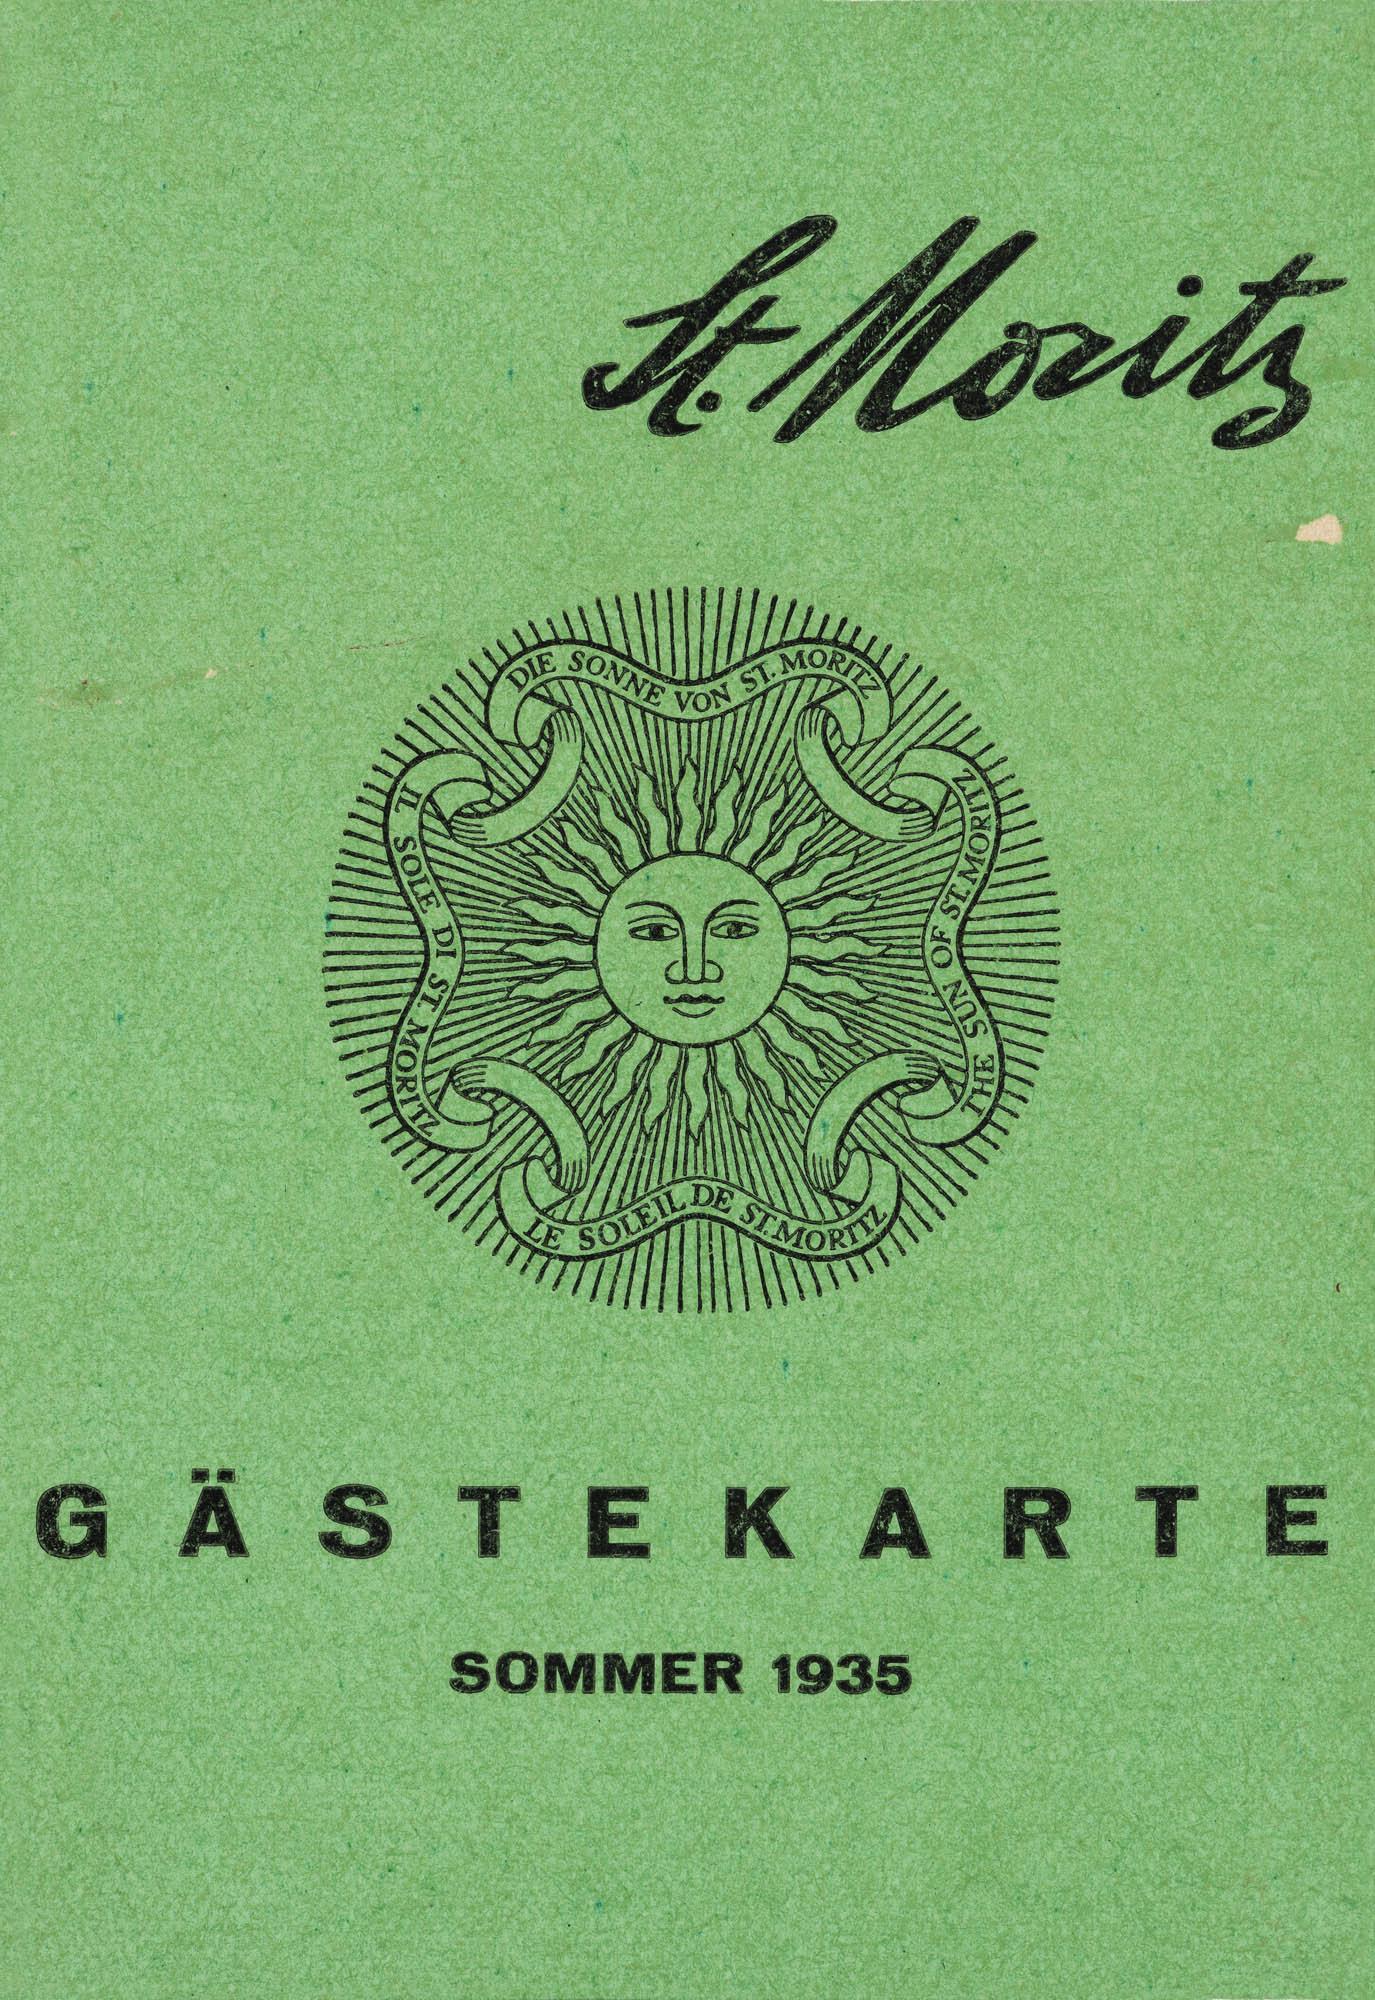 St. Moritz Walter Herdeg Kofferetikette